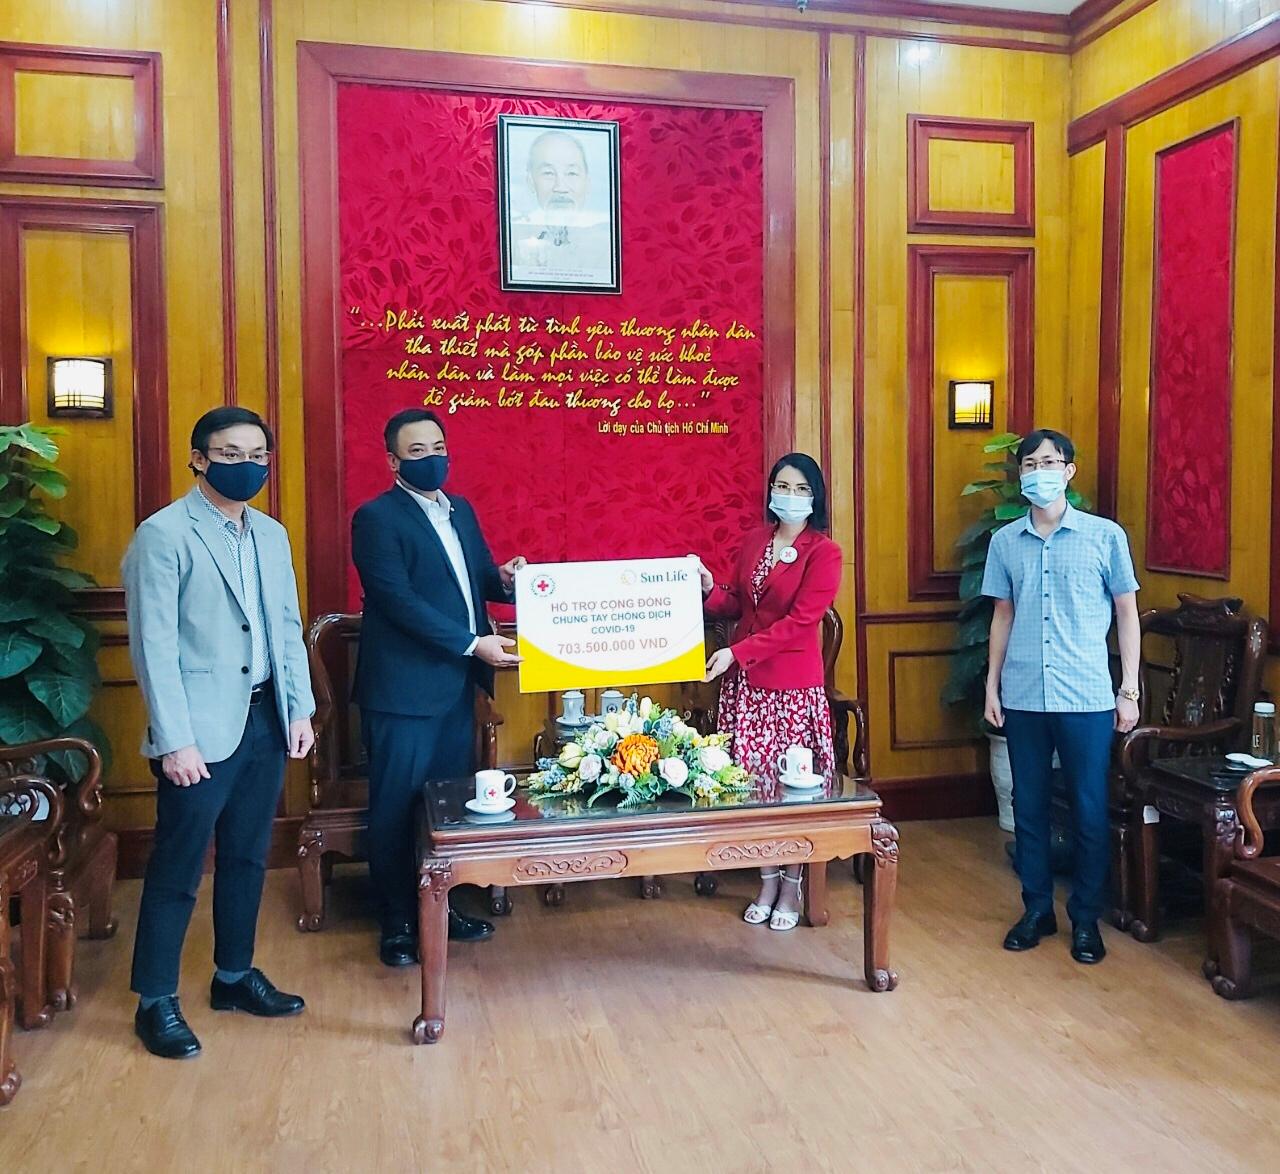 Sun Life Việt Nam 703 triệu đồng thông qua Hội chữ Thập đỏ Việt Nam để hỗ trợ cộng đồng bị ảnh hưởng bởi COVID-19.